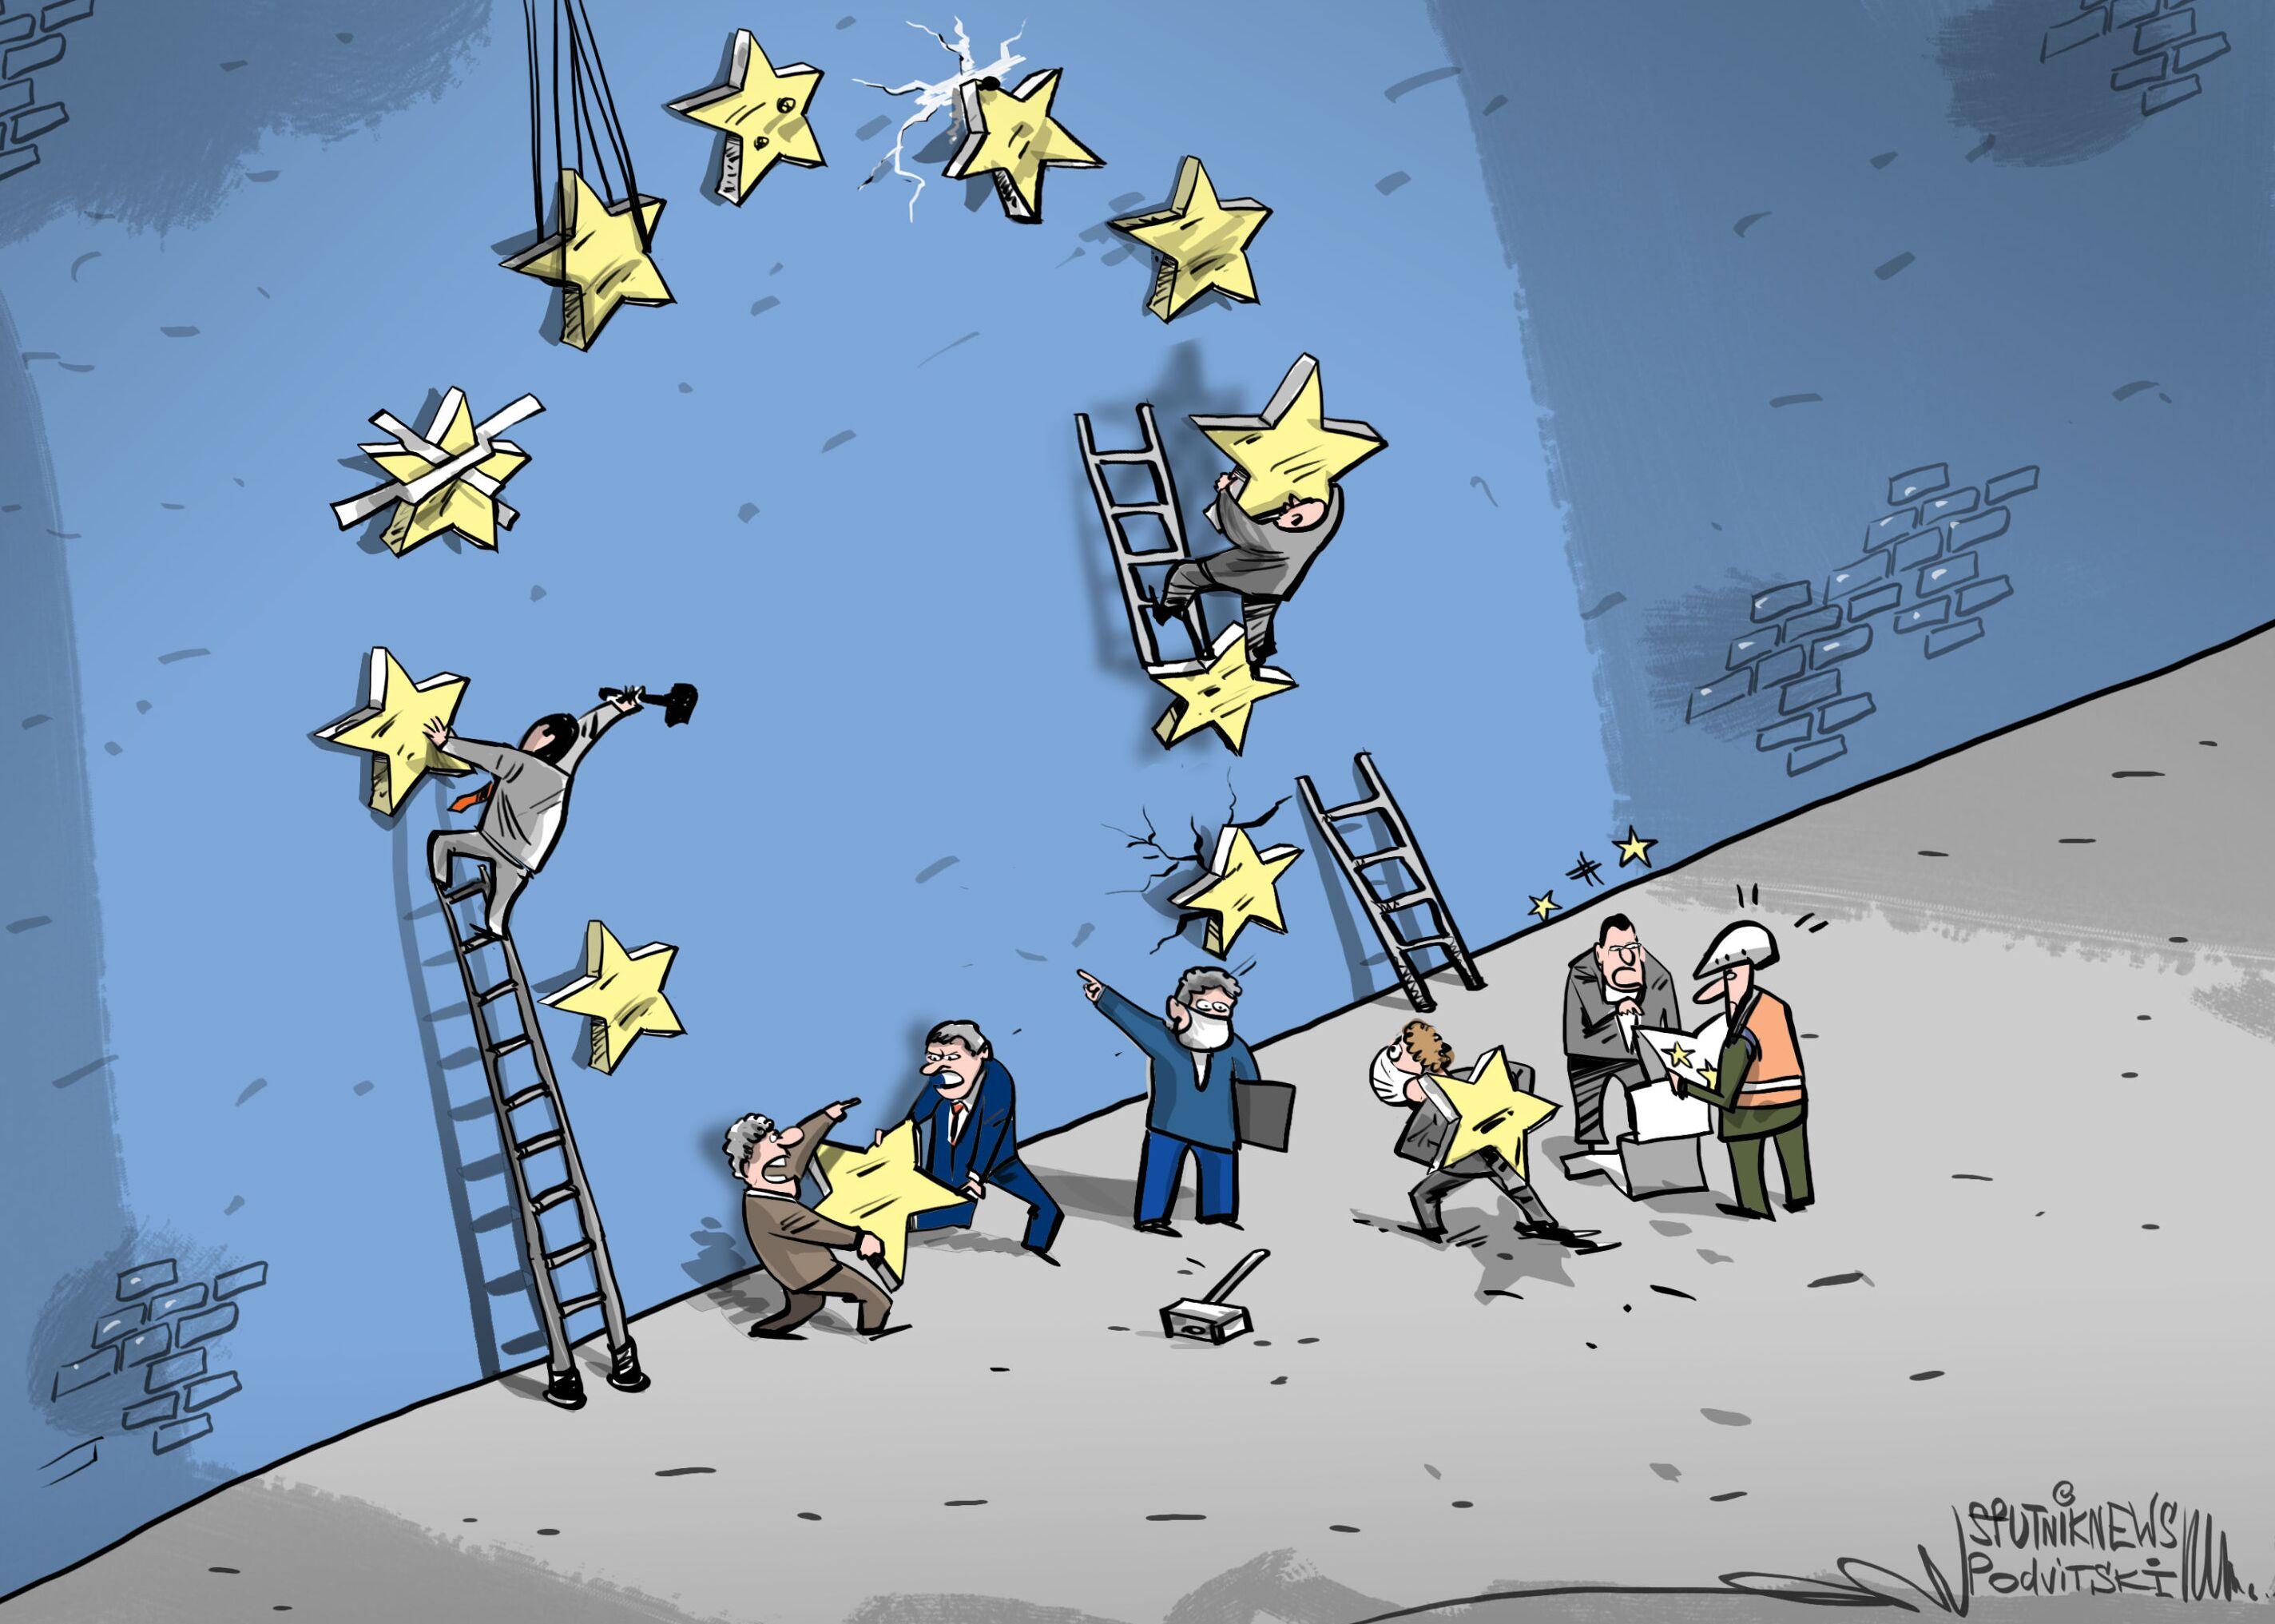 أوروبا تتفق على خطة إنعاش الاقتصاد بعد كورونا